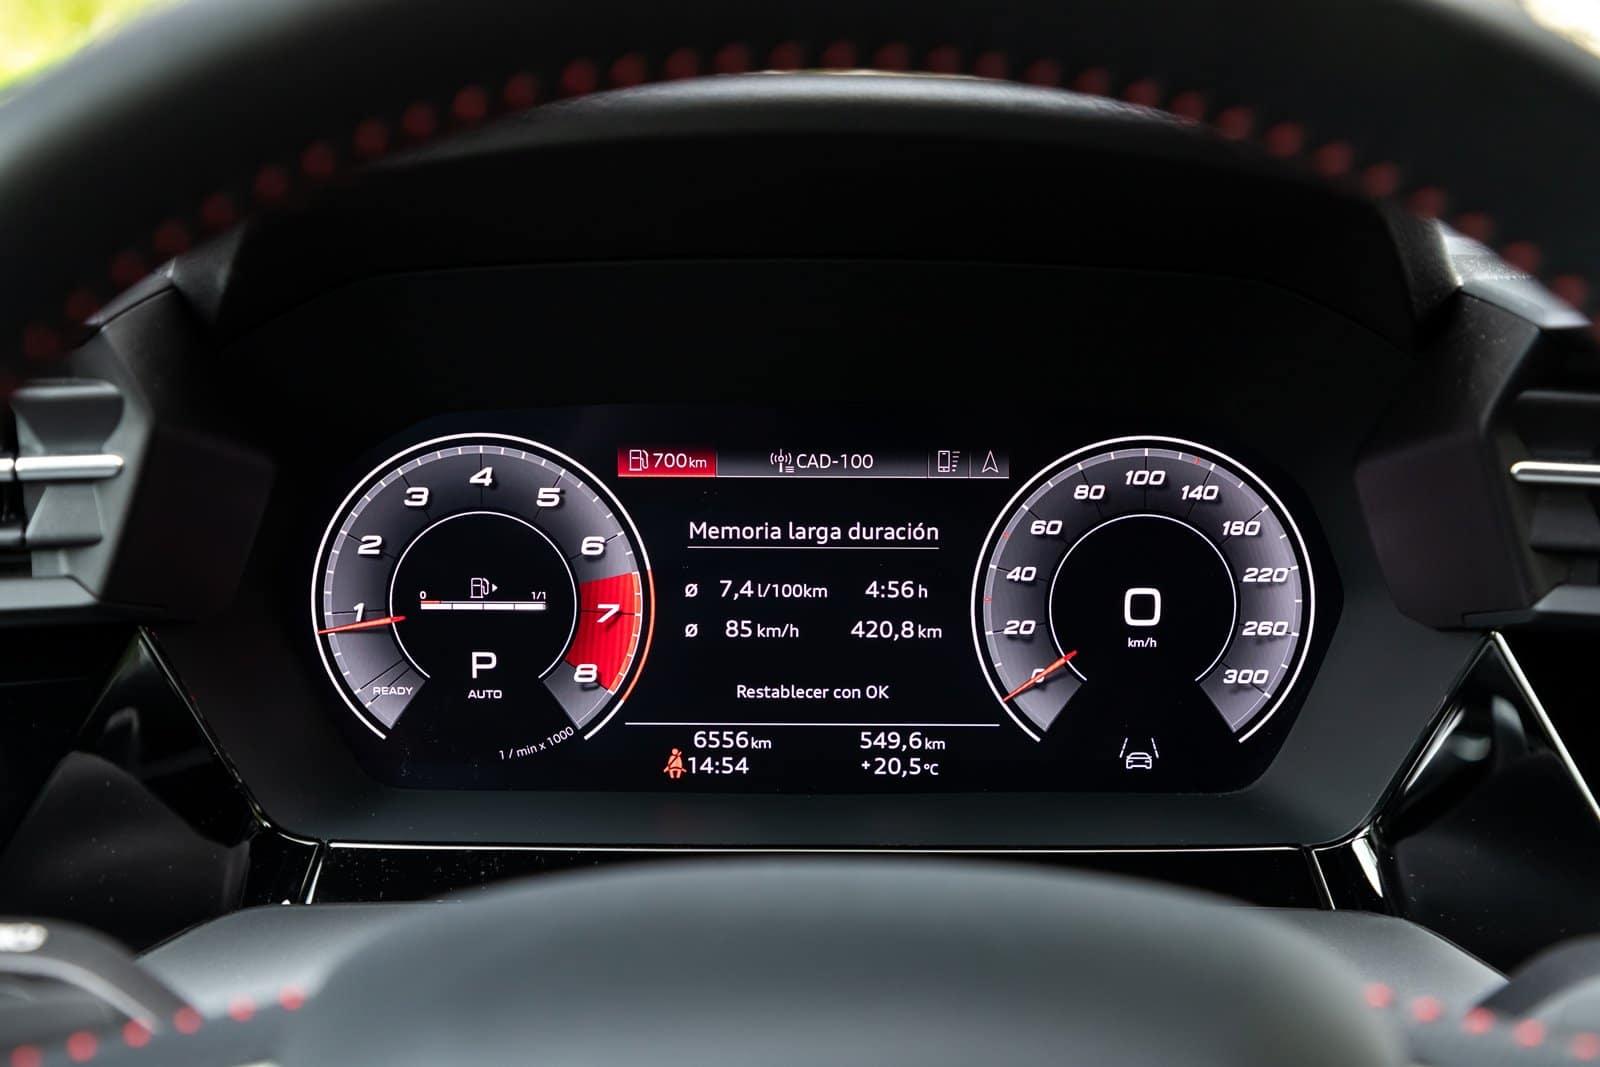 Consumos Audi S3 Sportback